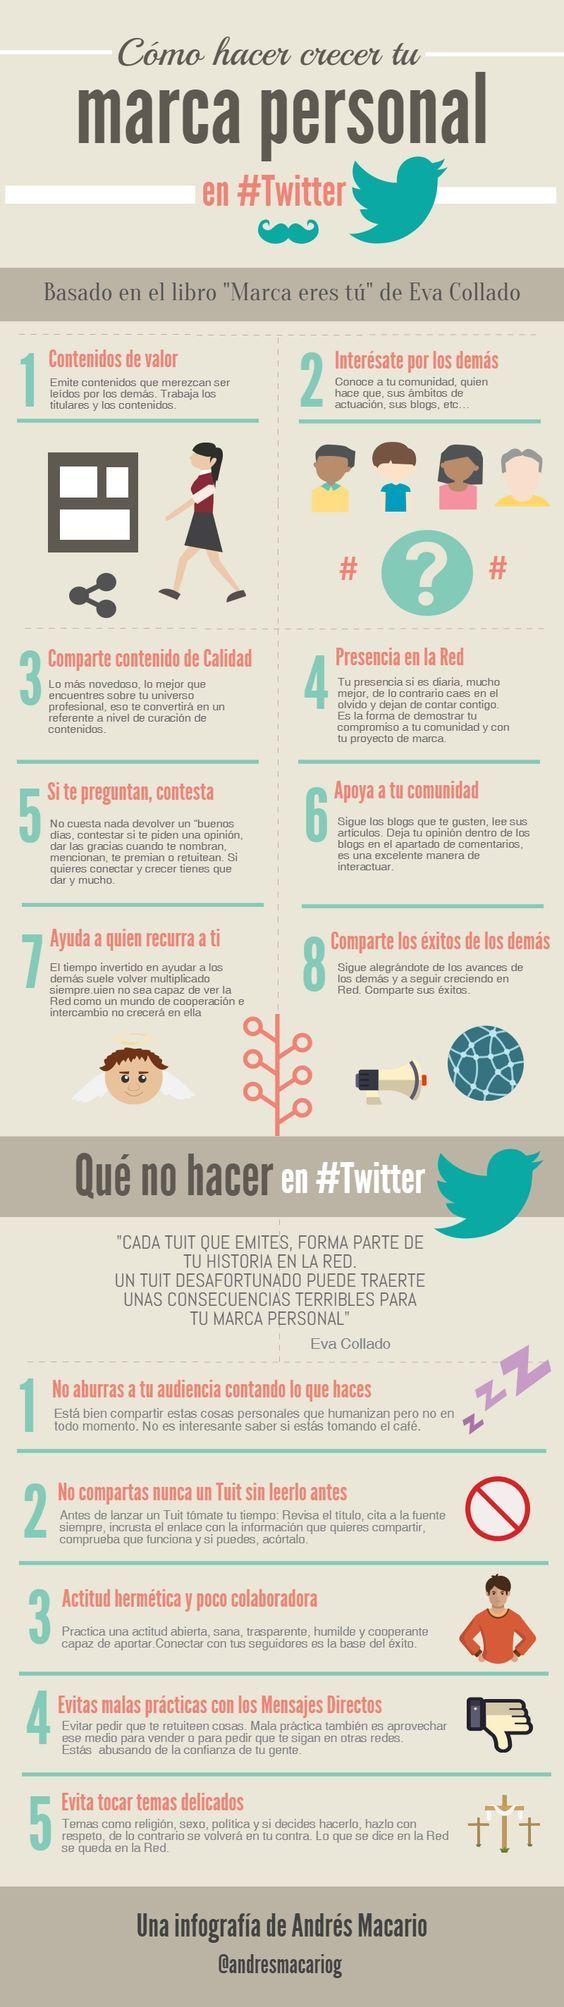 Cómo hacer crecer tu Marca Personal en Twitter #infografia #socialmedia #marketing   TICs y Formación